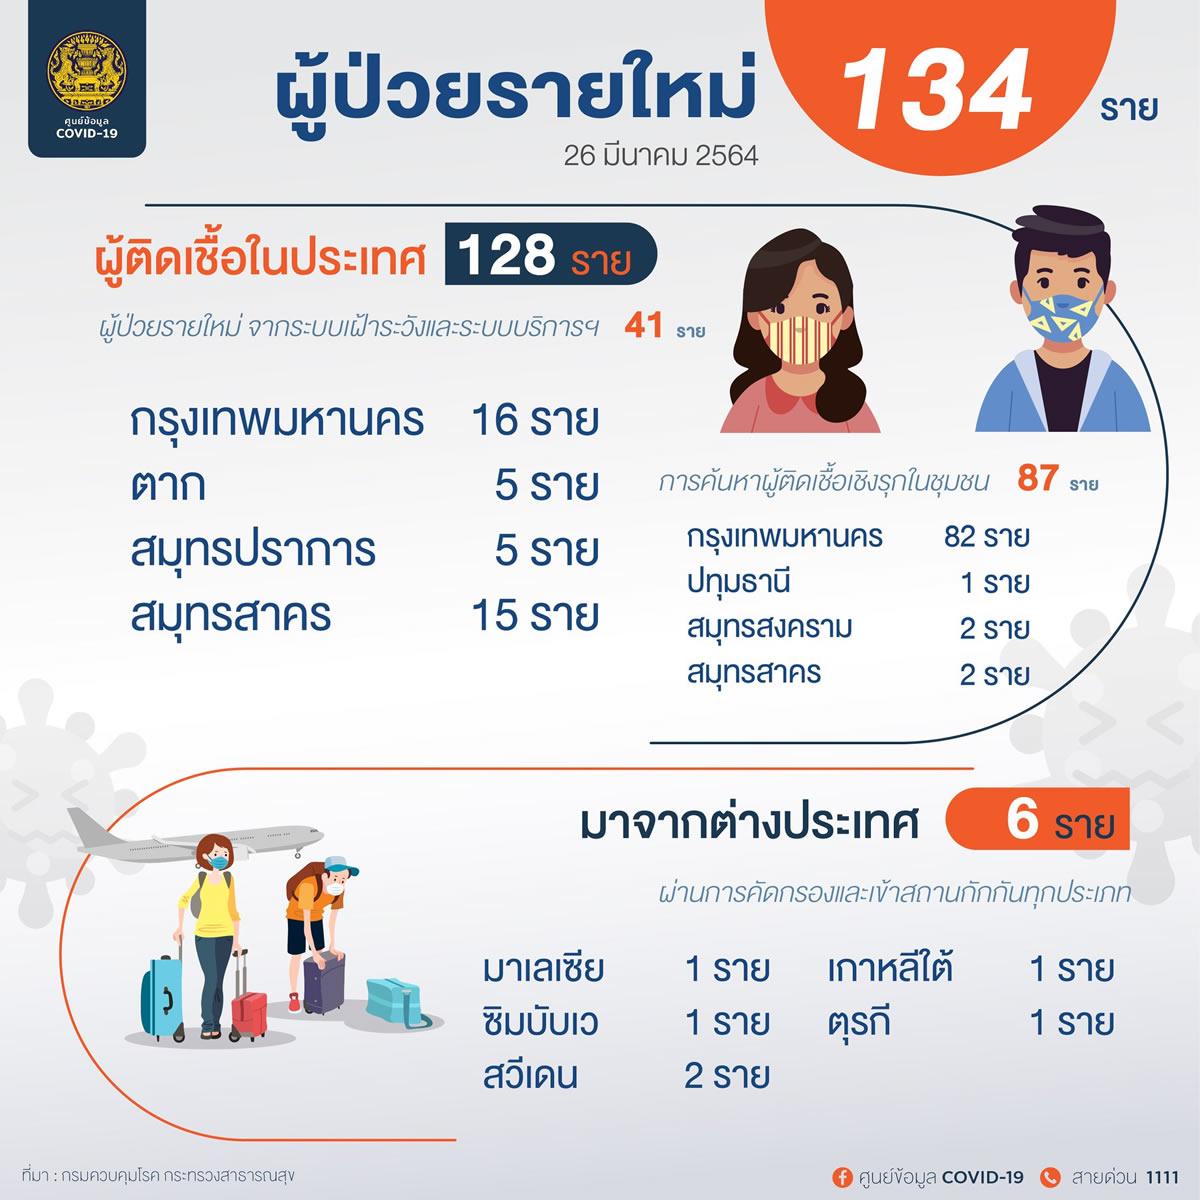 新規タイ国内感染97人、バンコクは65人陽性確認[2021年3月26日発表]